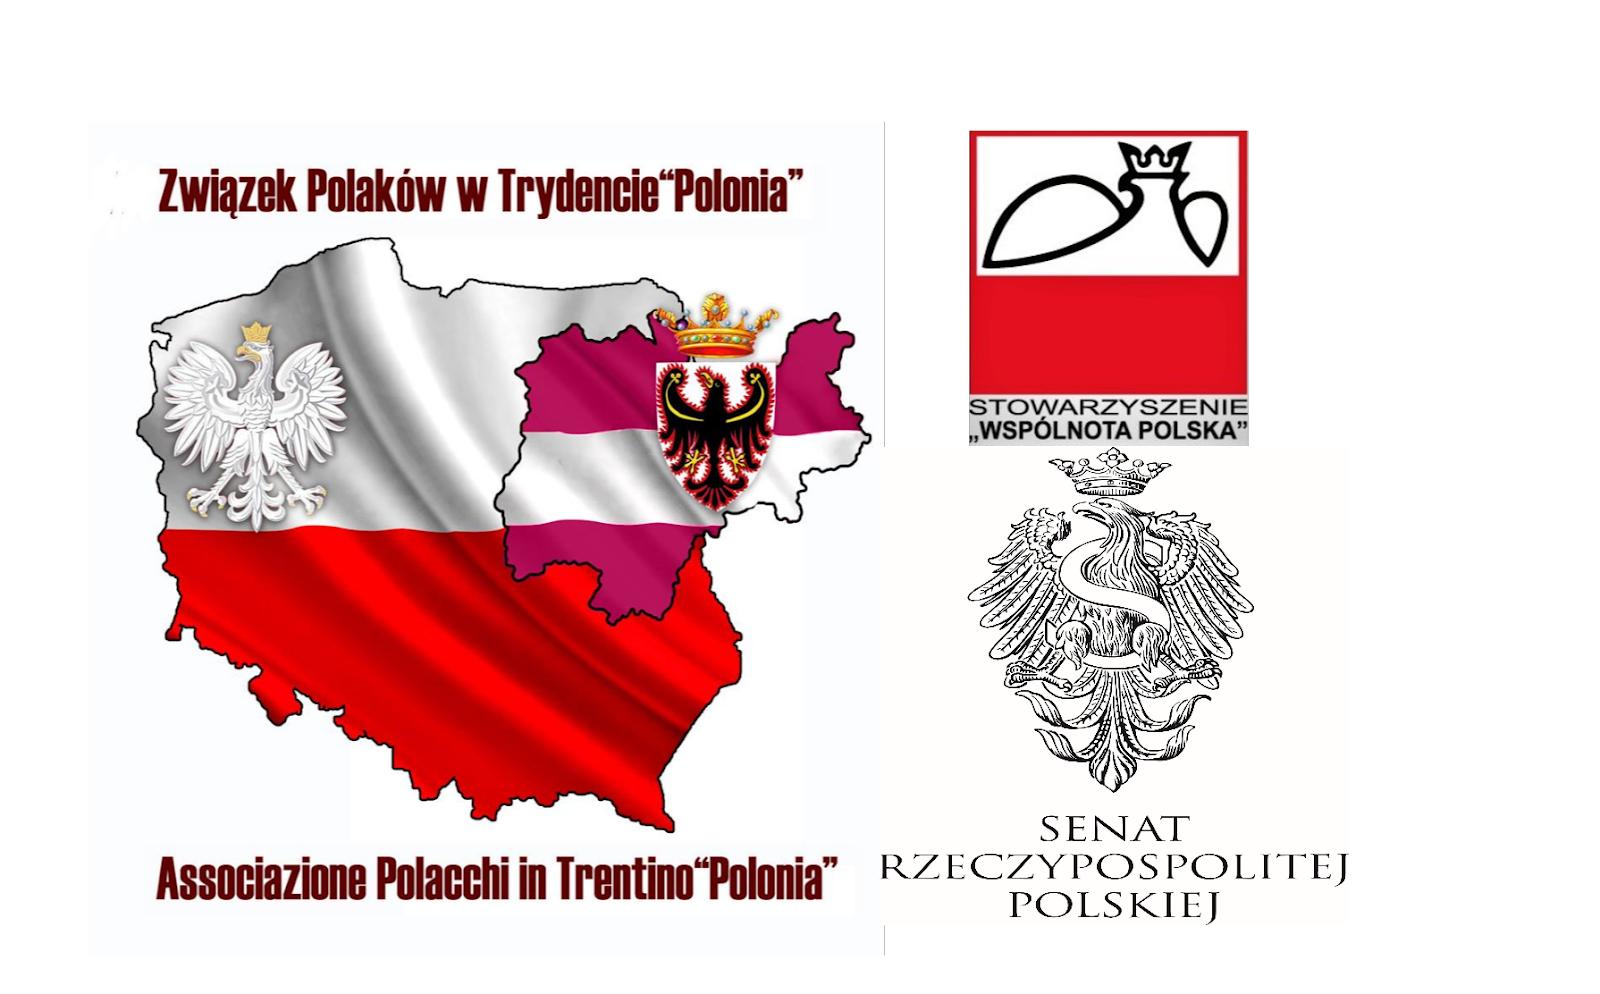 Associazione Polacchi nel Trentino - Związek Polaków w Trydencie - POLONIA